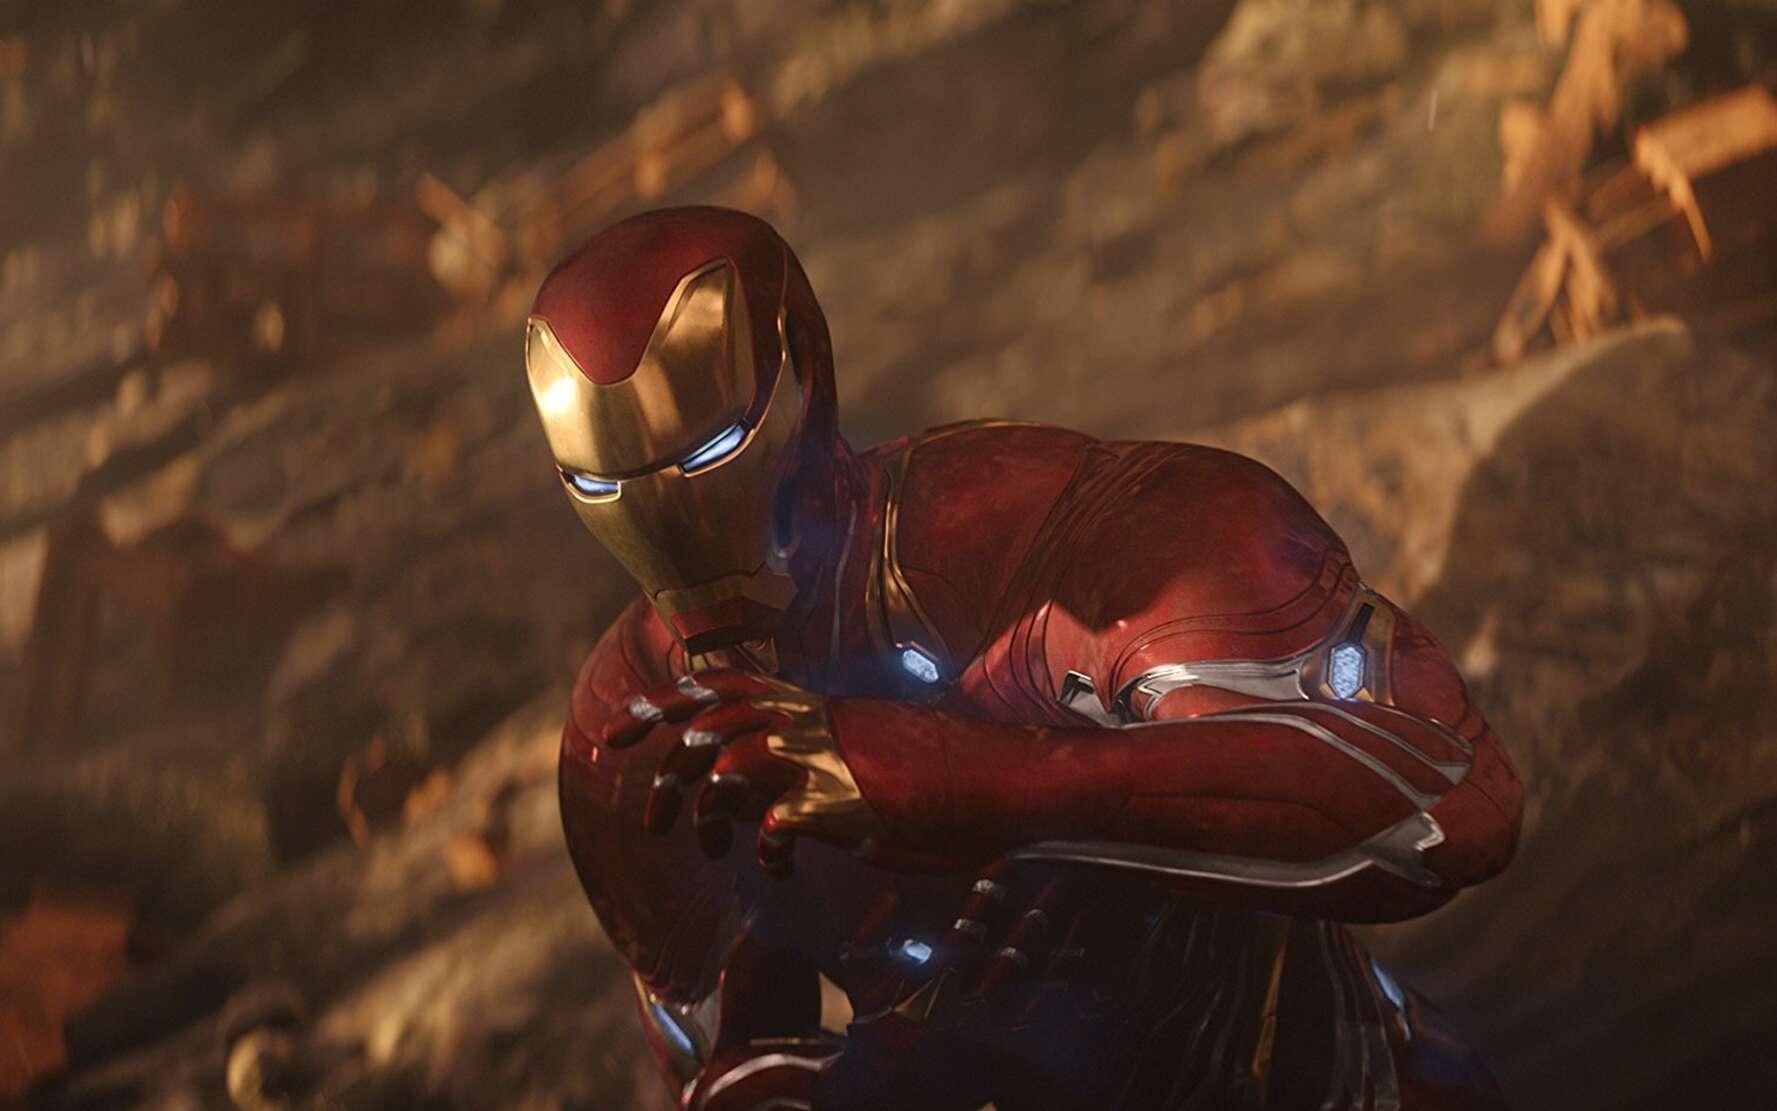 Dans Avengers : Infinity War, on retrouve Iron Man avec une toute nouvelle armure qui exploite une nanotechnologie futuriste : elle est constituée de nanorobots. © 2018, Marvel Studios